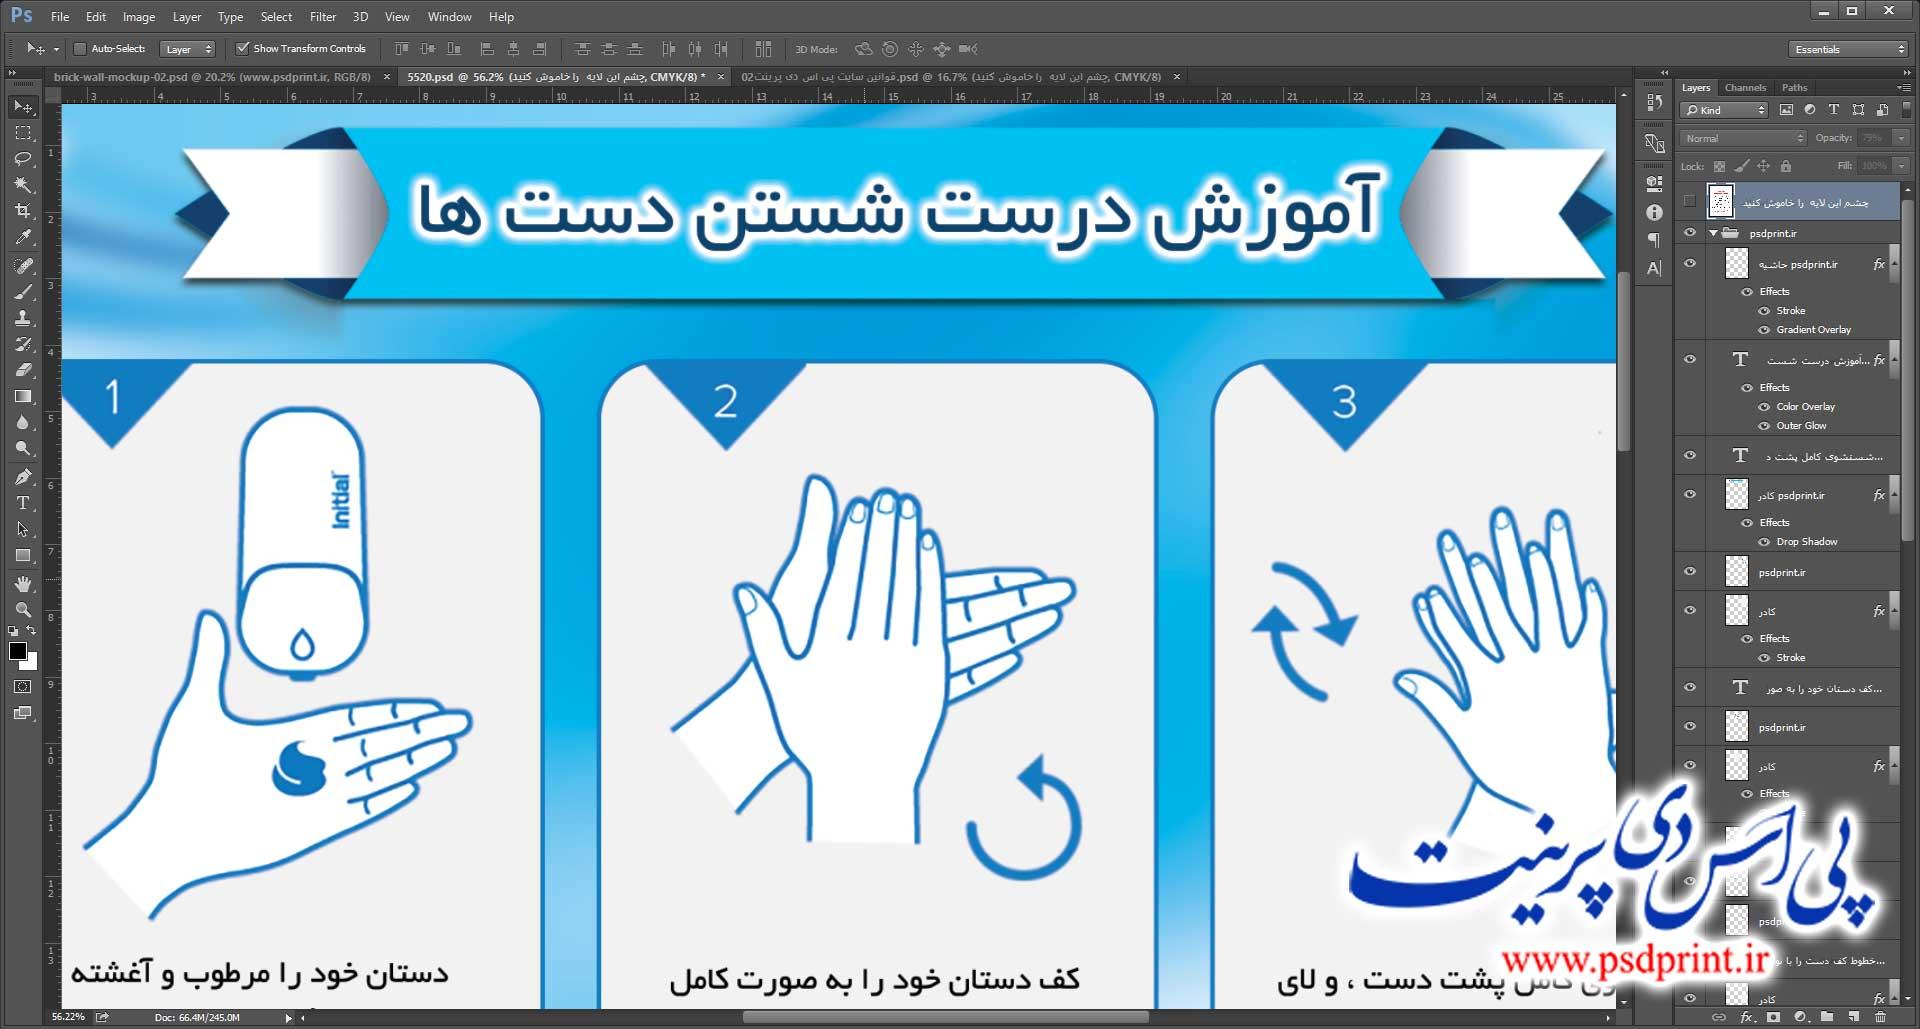 پوستر درست شستن دستها